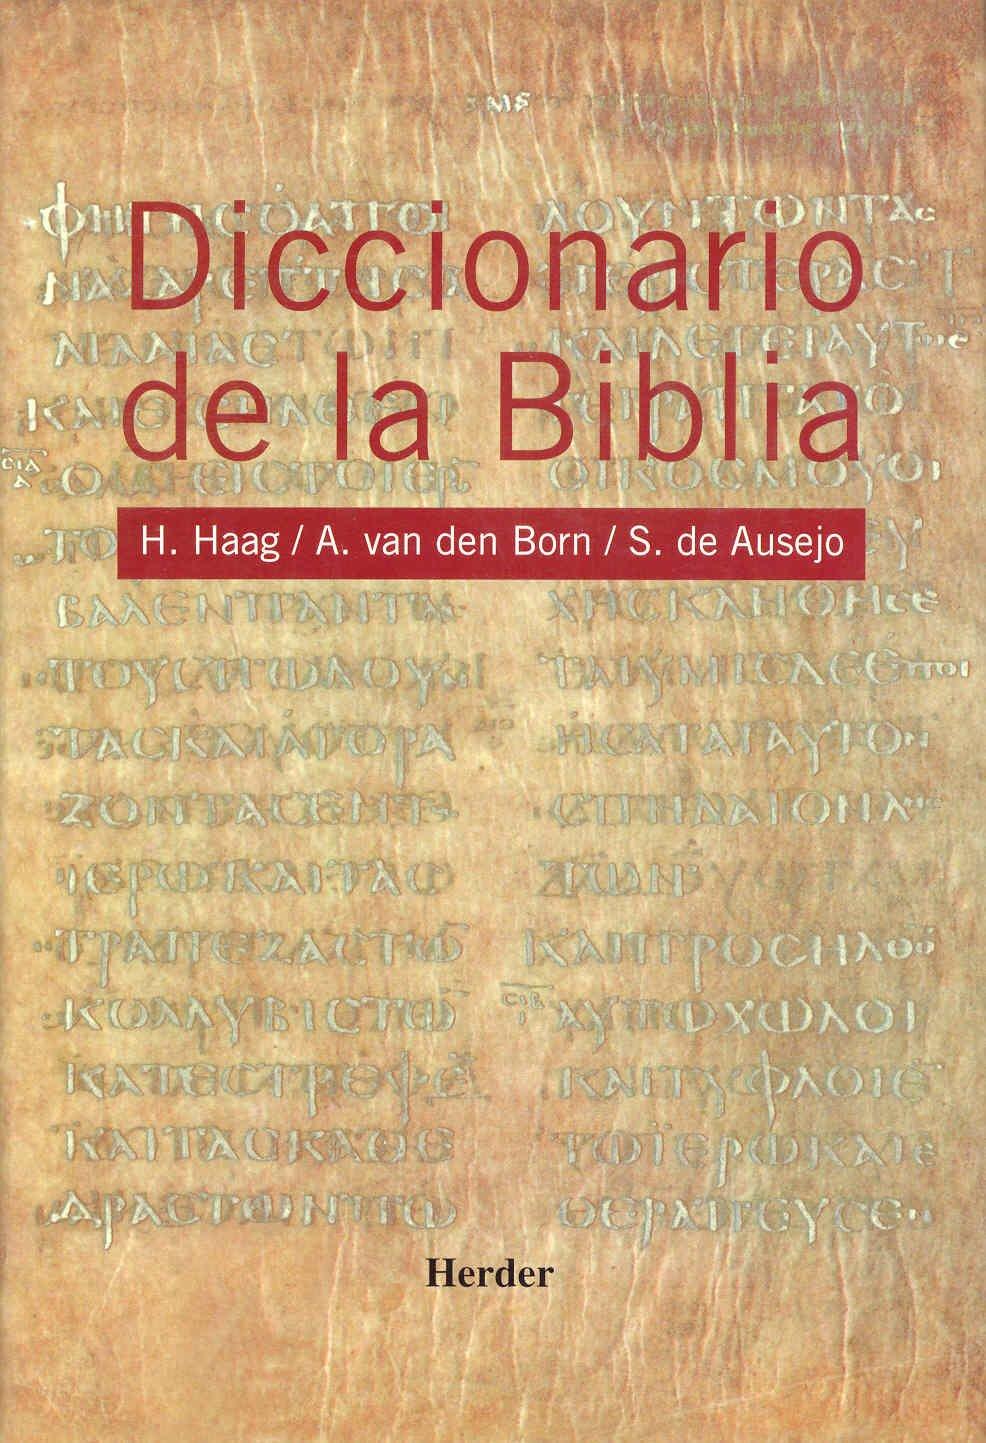 Diccionario de la Biblia (Spanish Edition) by Herder